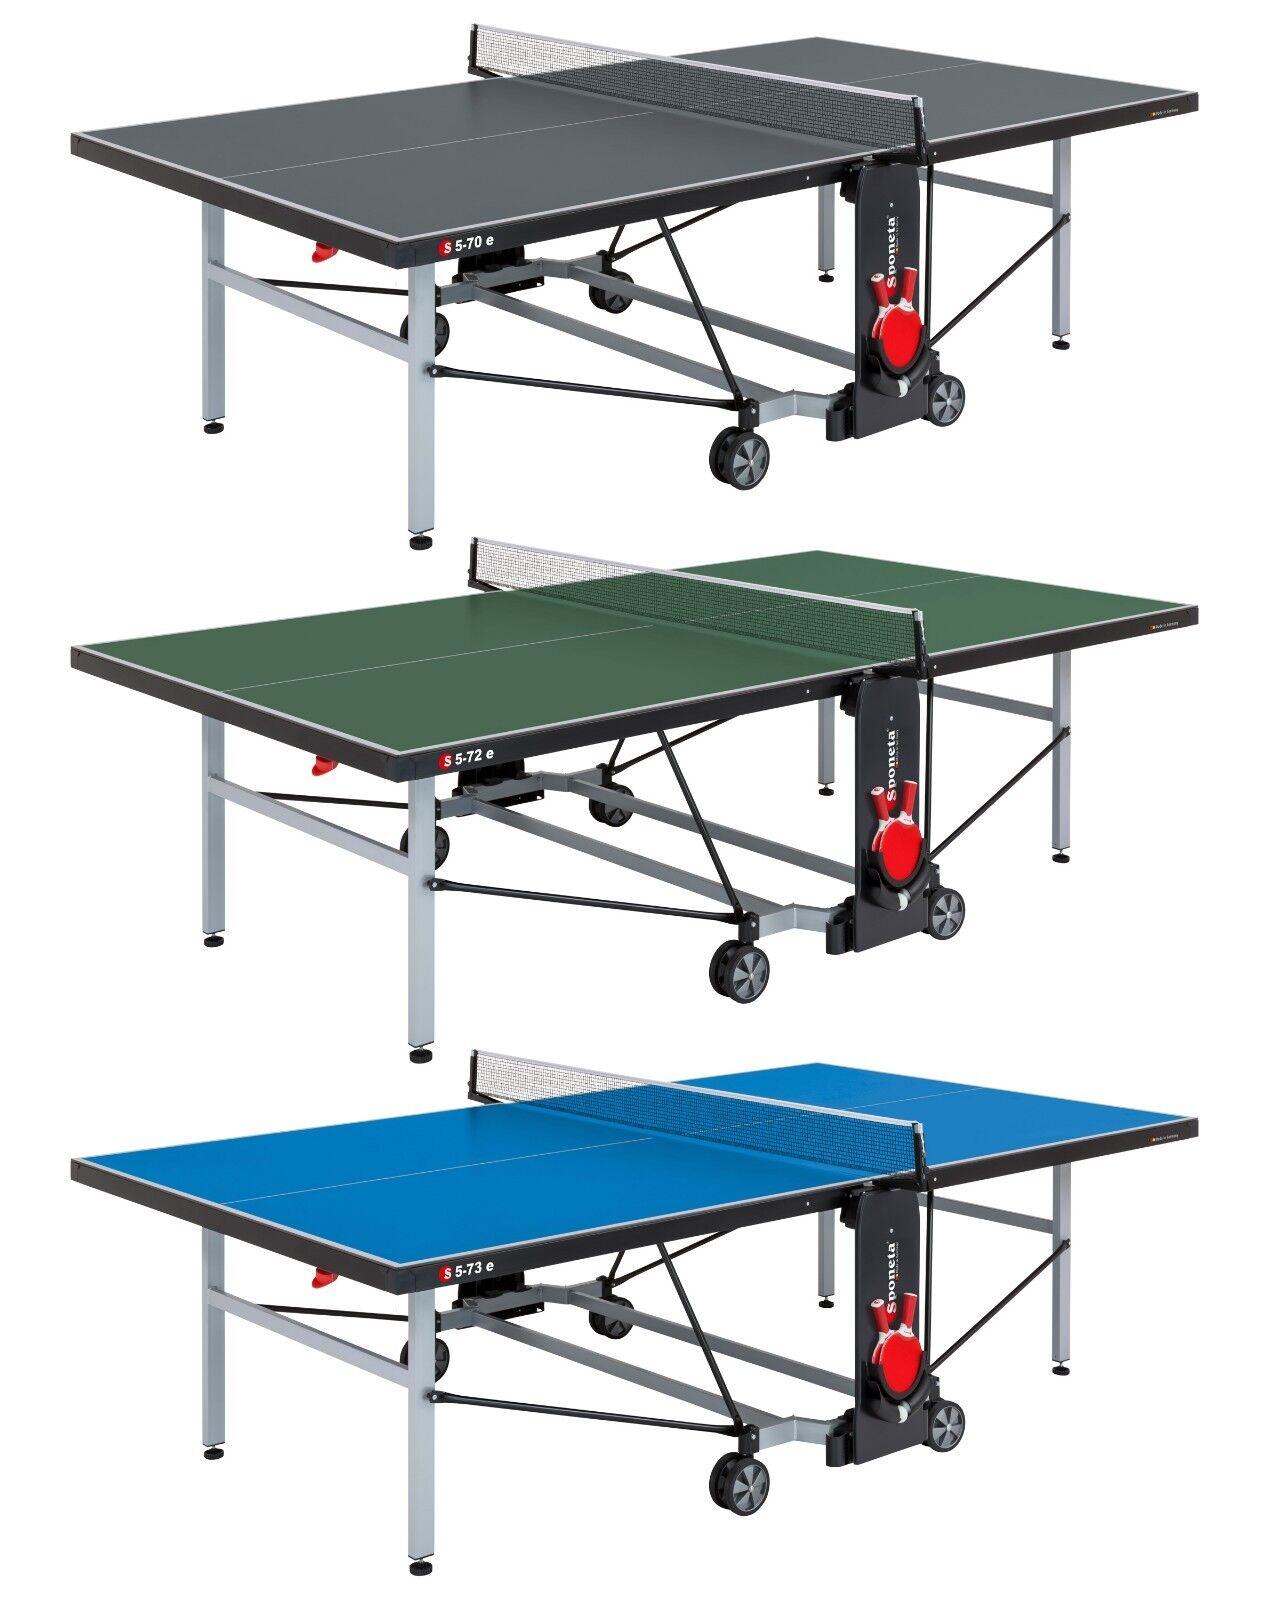 Sponeta S5-70e S5-72e 5-73e - Tischtennisplatte Tischtennisplatte Tischtennisplatte Outdoor  | Die Qualität Und Die Verbraucher Zunächst  | Sale Outlet  | Spezielle Funktion  466767